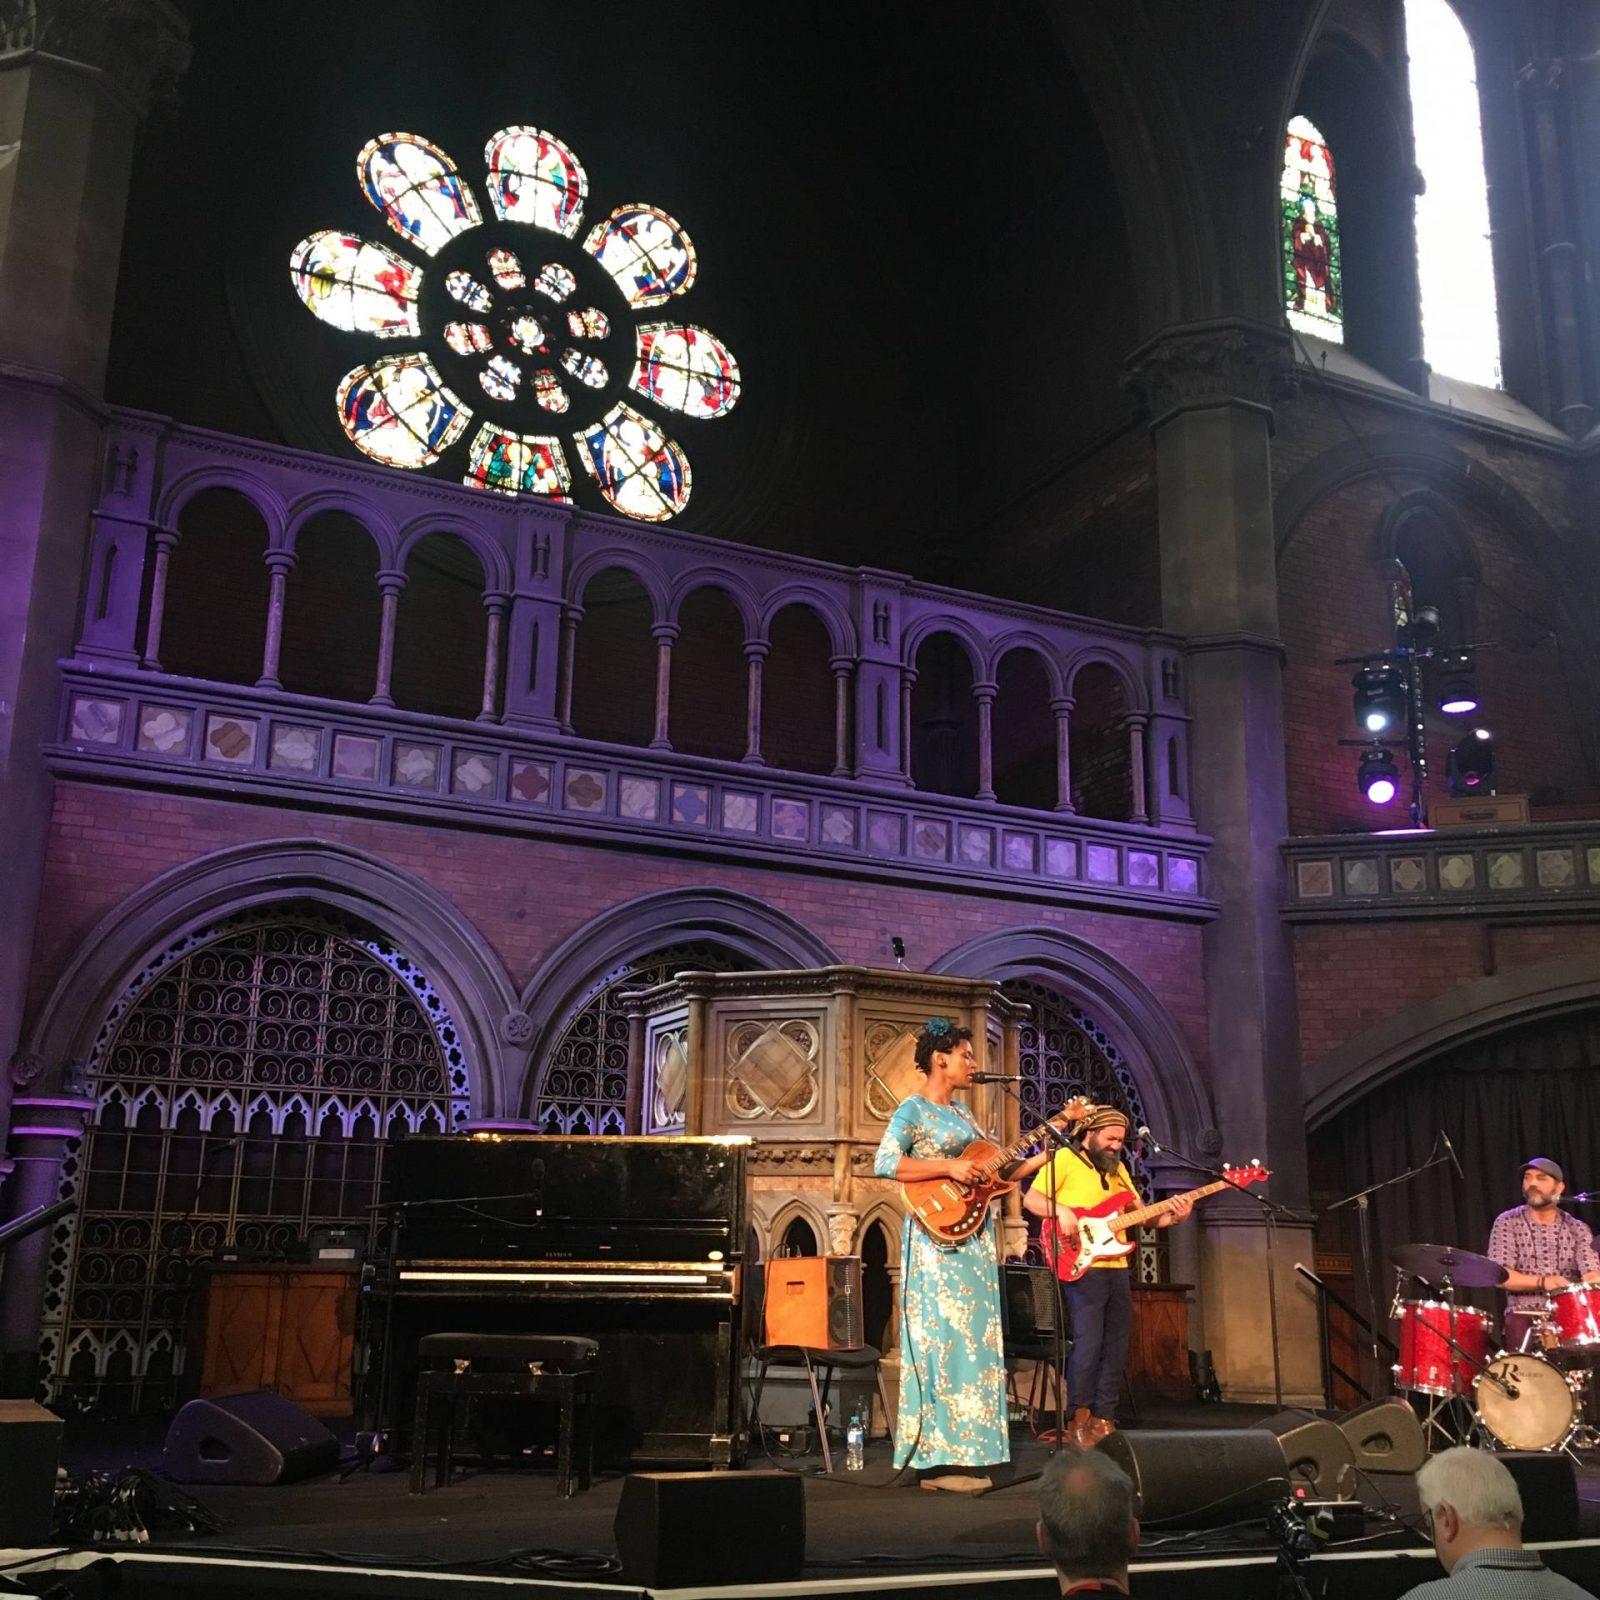 Carmen Souza @ Daylight Music, Union Chapel, London March 2018